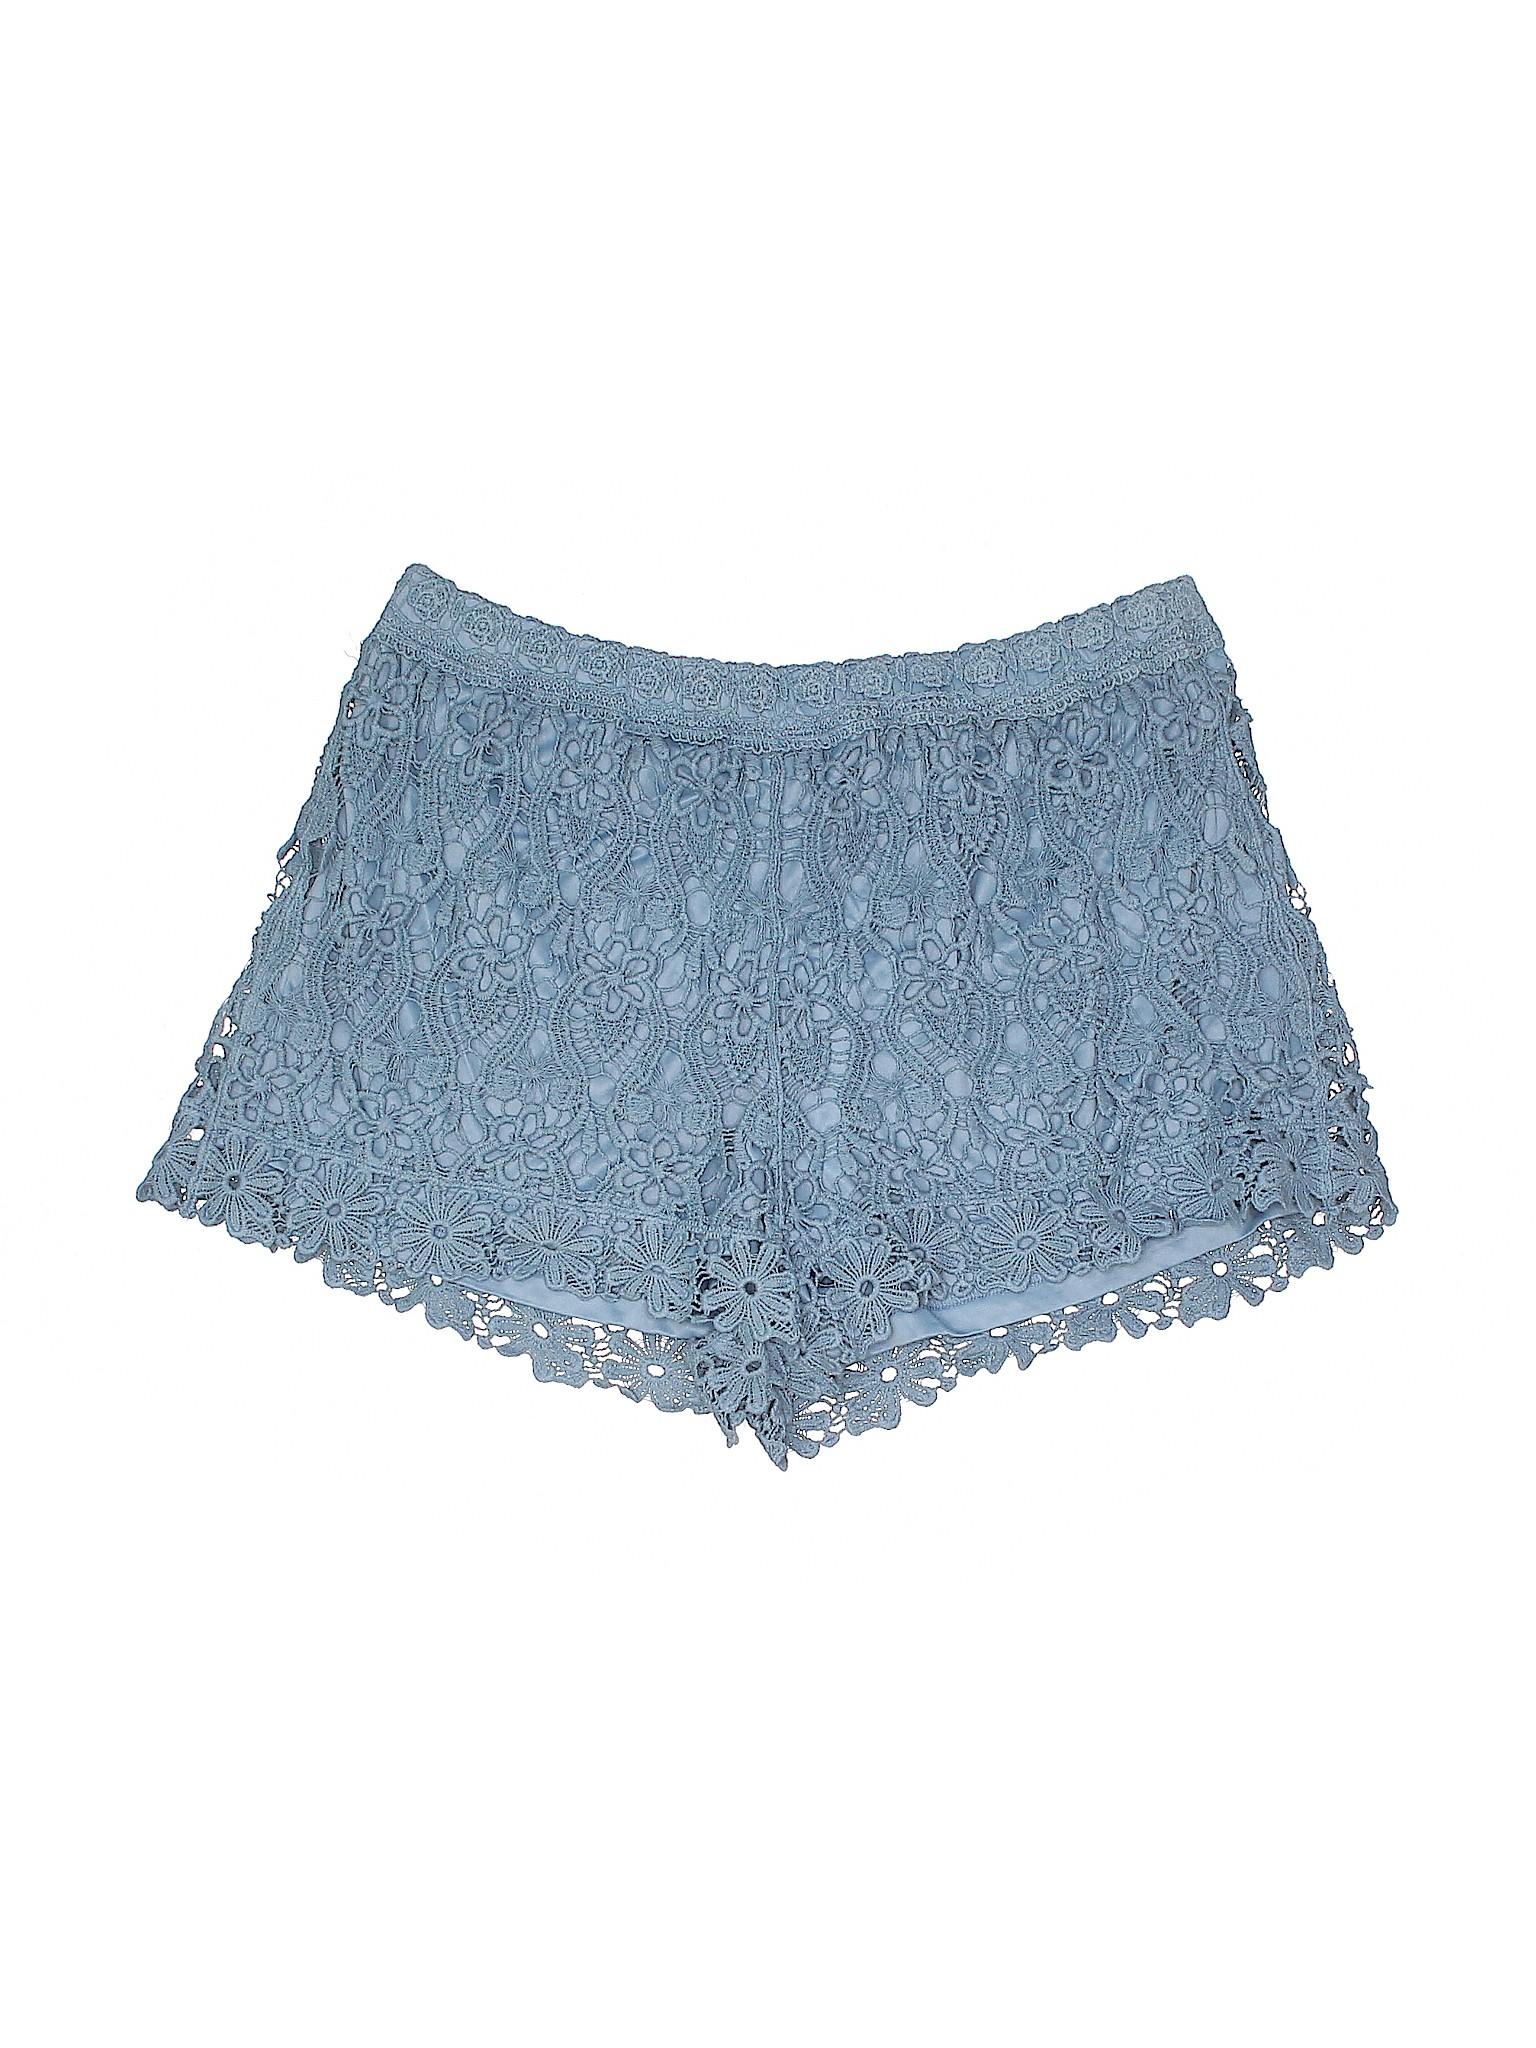 Boutique Shorts Boutique Shorts Oddi winter Oddi Boutique winter qtvSwxrpq